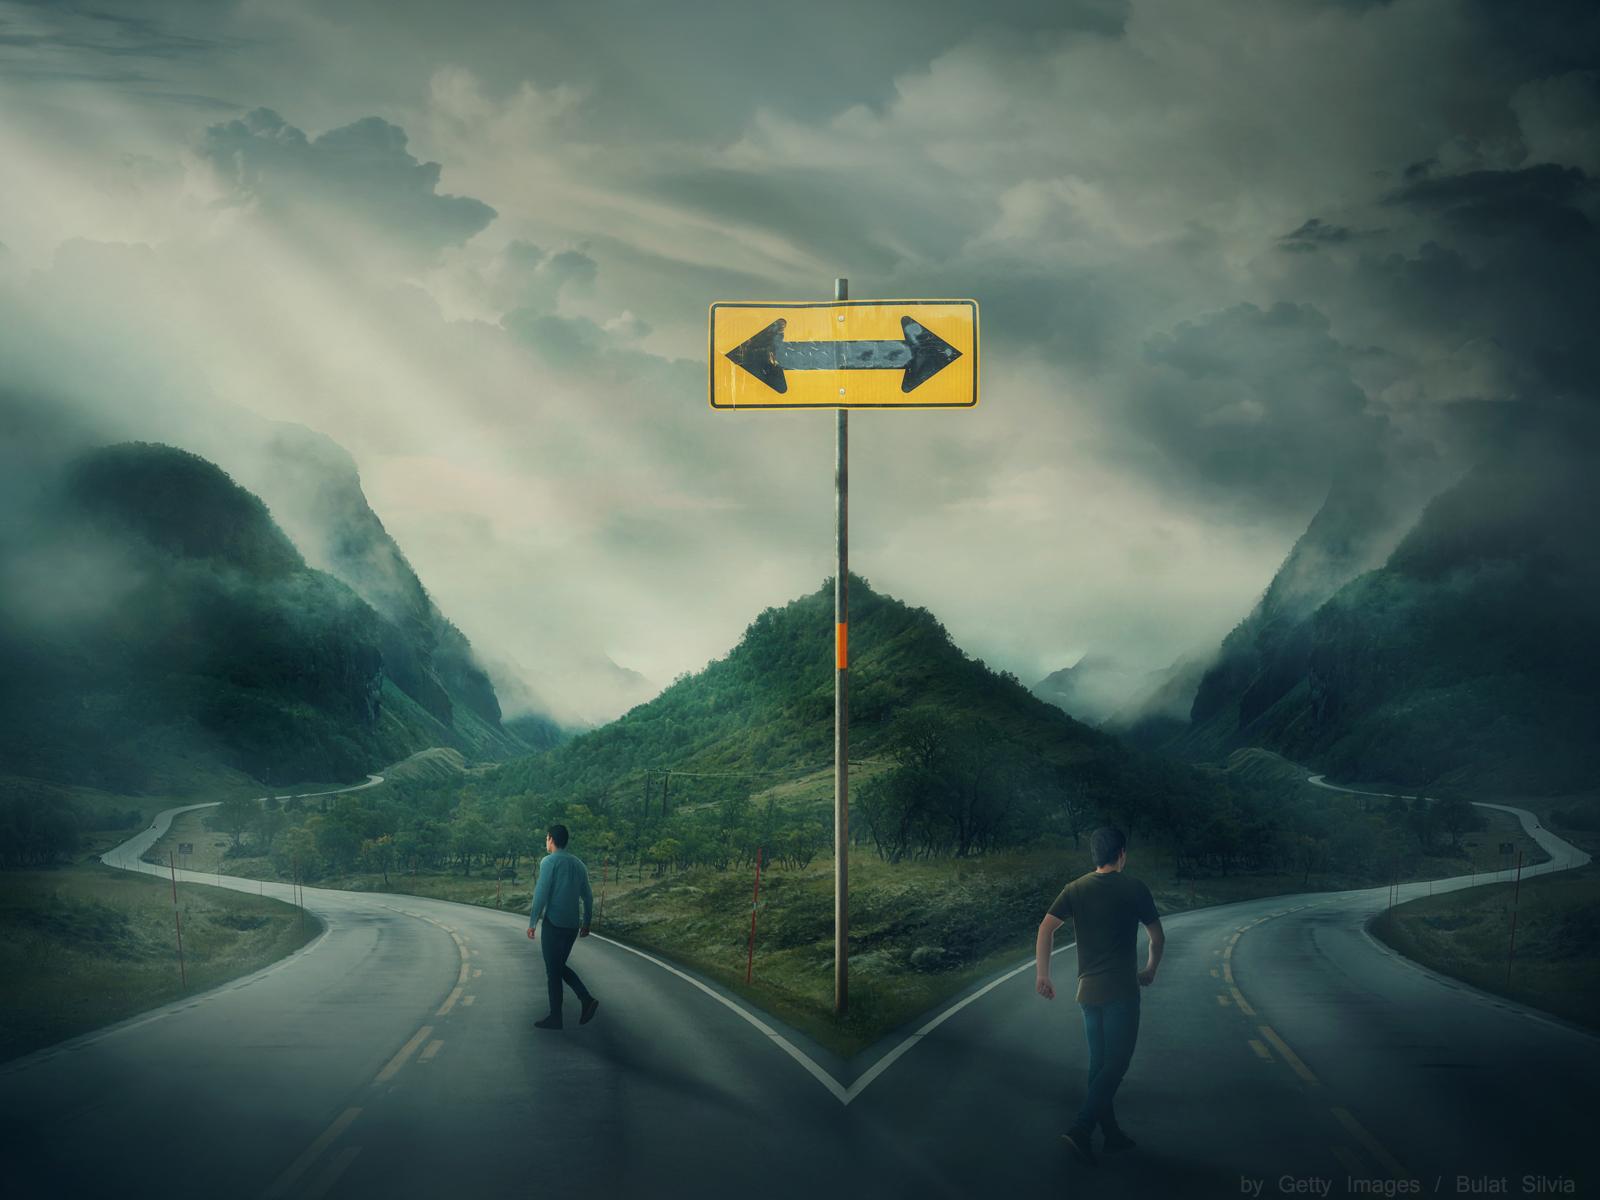 O que tem no fim da estrada Já parou refletir sobre isso